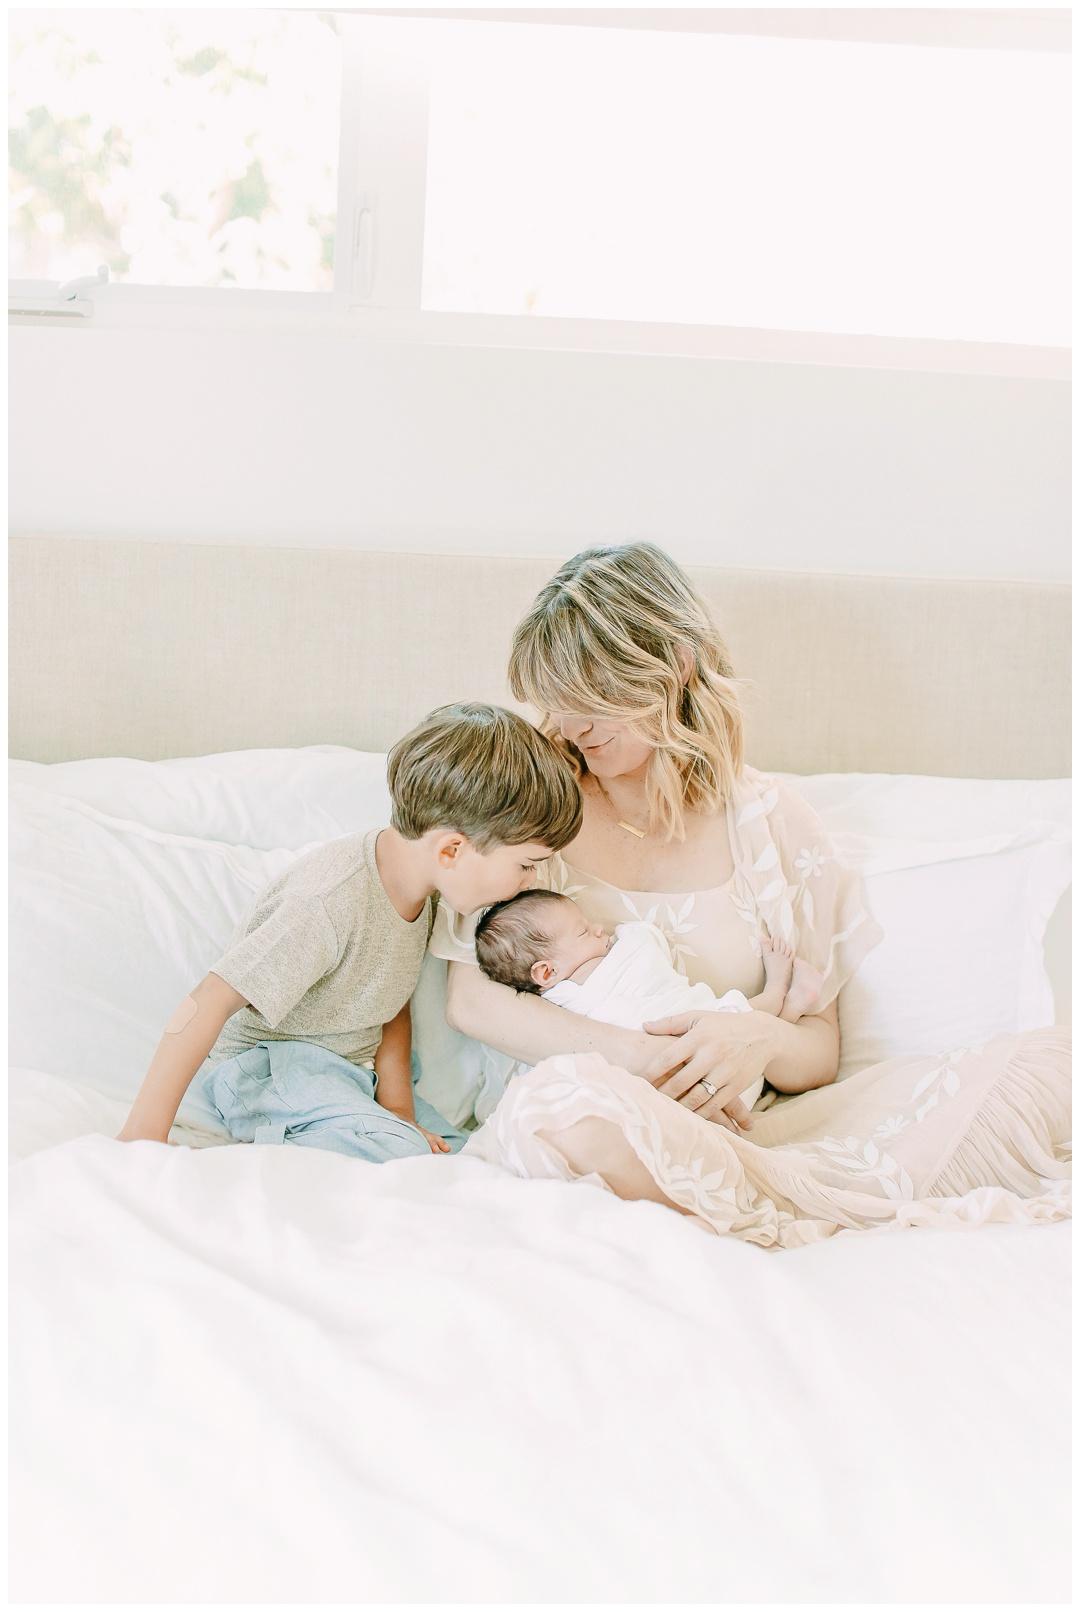 Newport_Beach_Newborn_Photographer_In-home_Newborn_Photography_Cori_Kleckner_Photography_The_Pirro_Family_Jessica_Pirro__1068.jpg